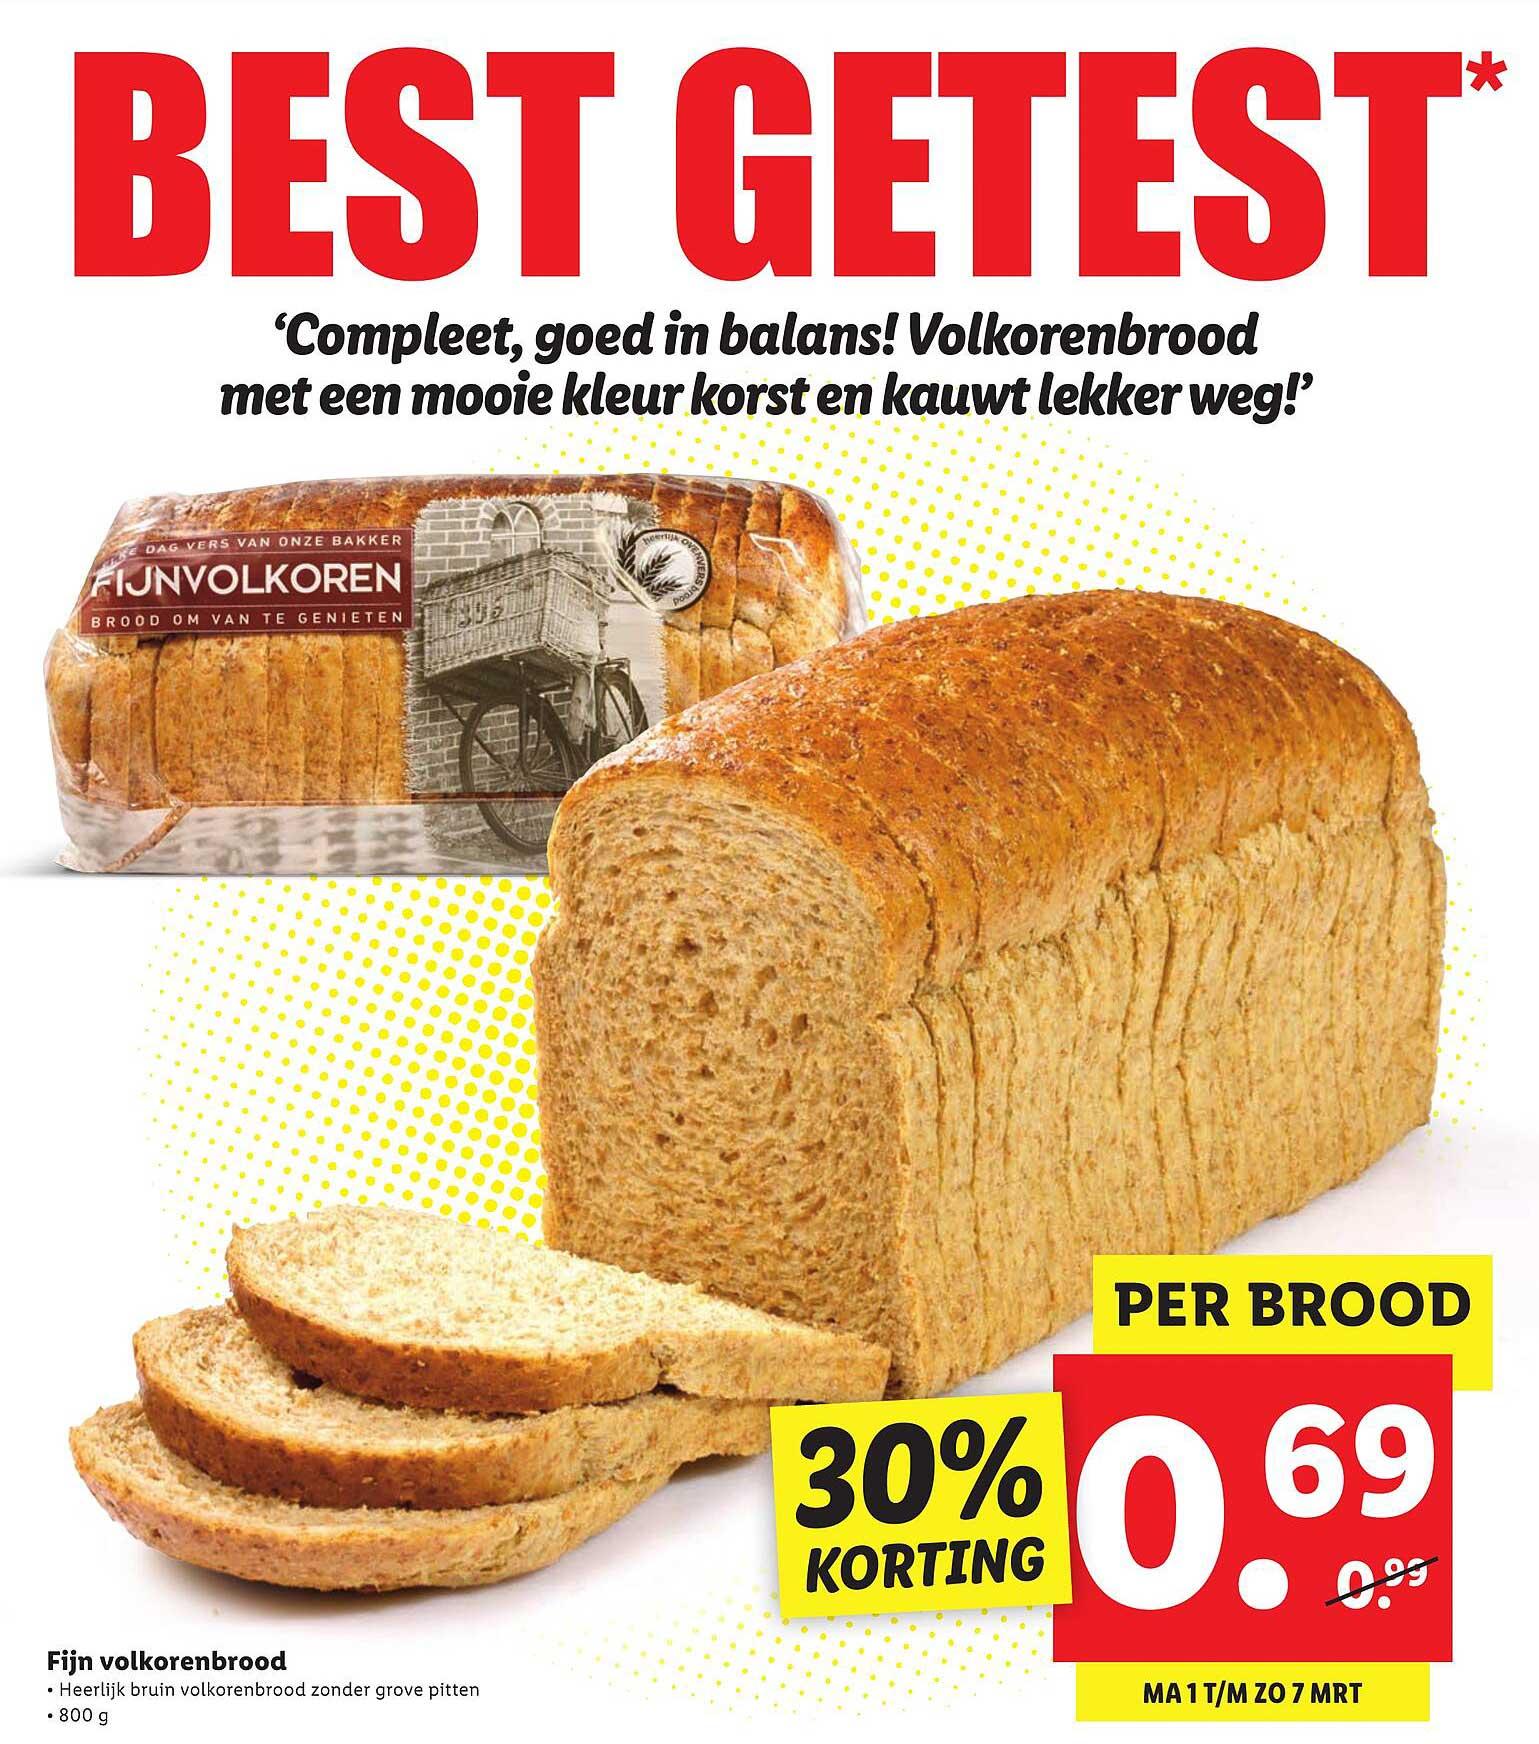 Lidl Fijn Volkorenbrood 30% Korting